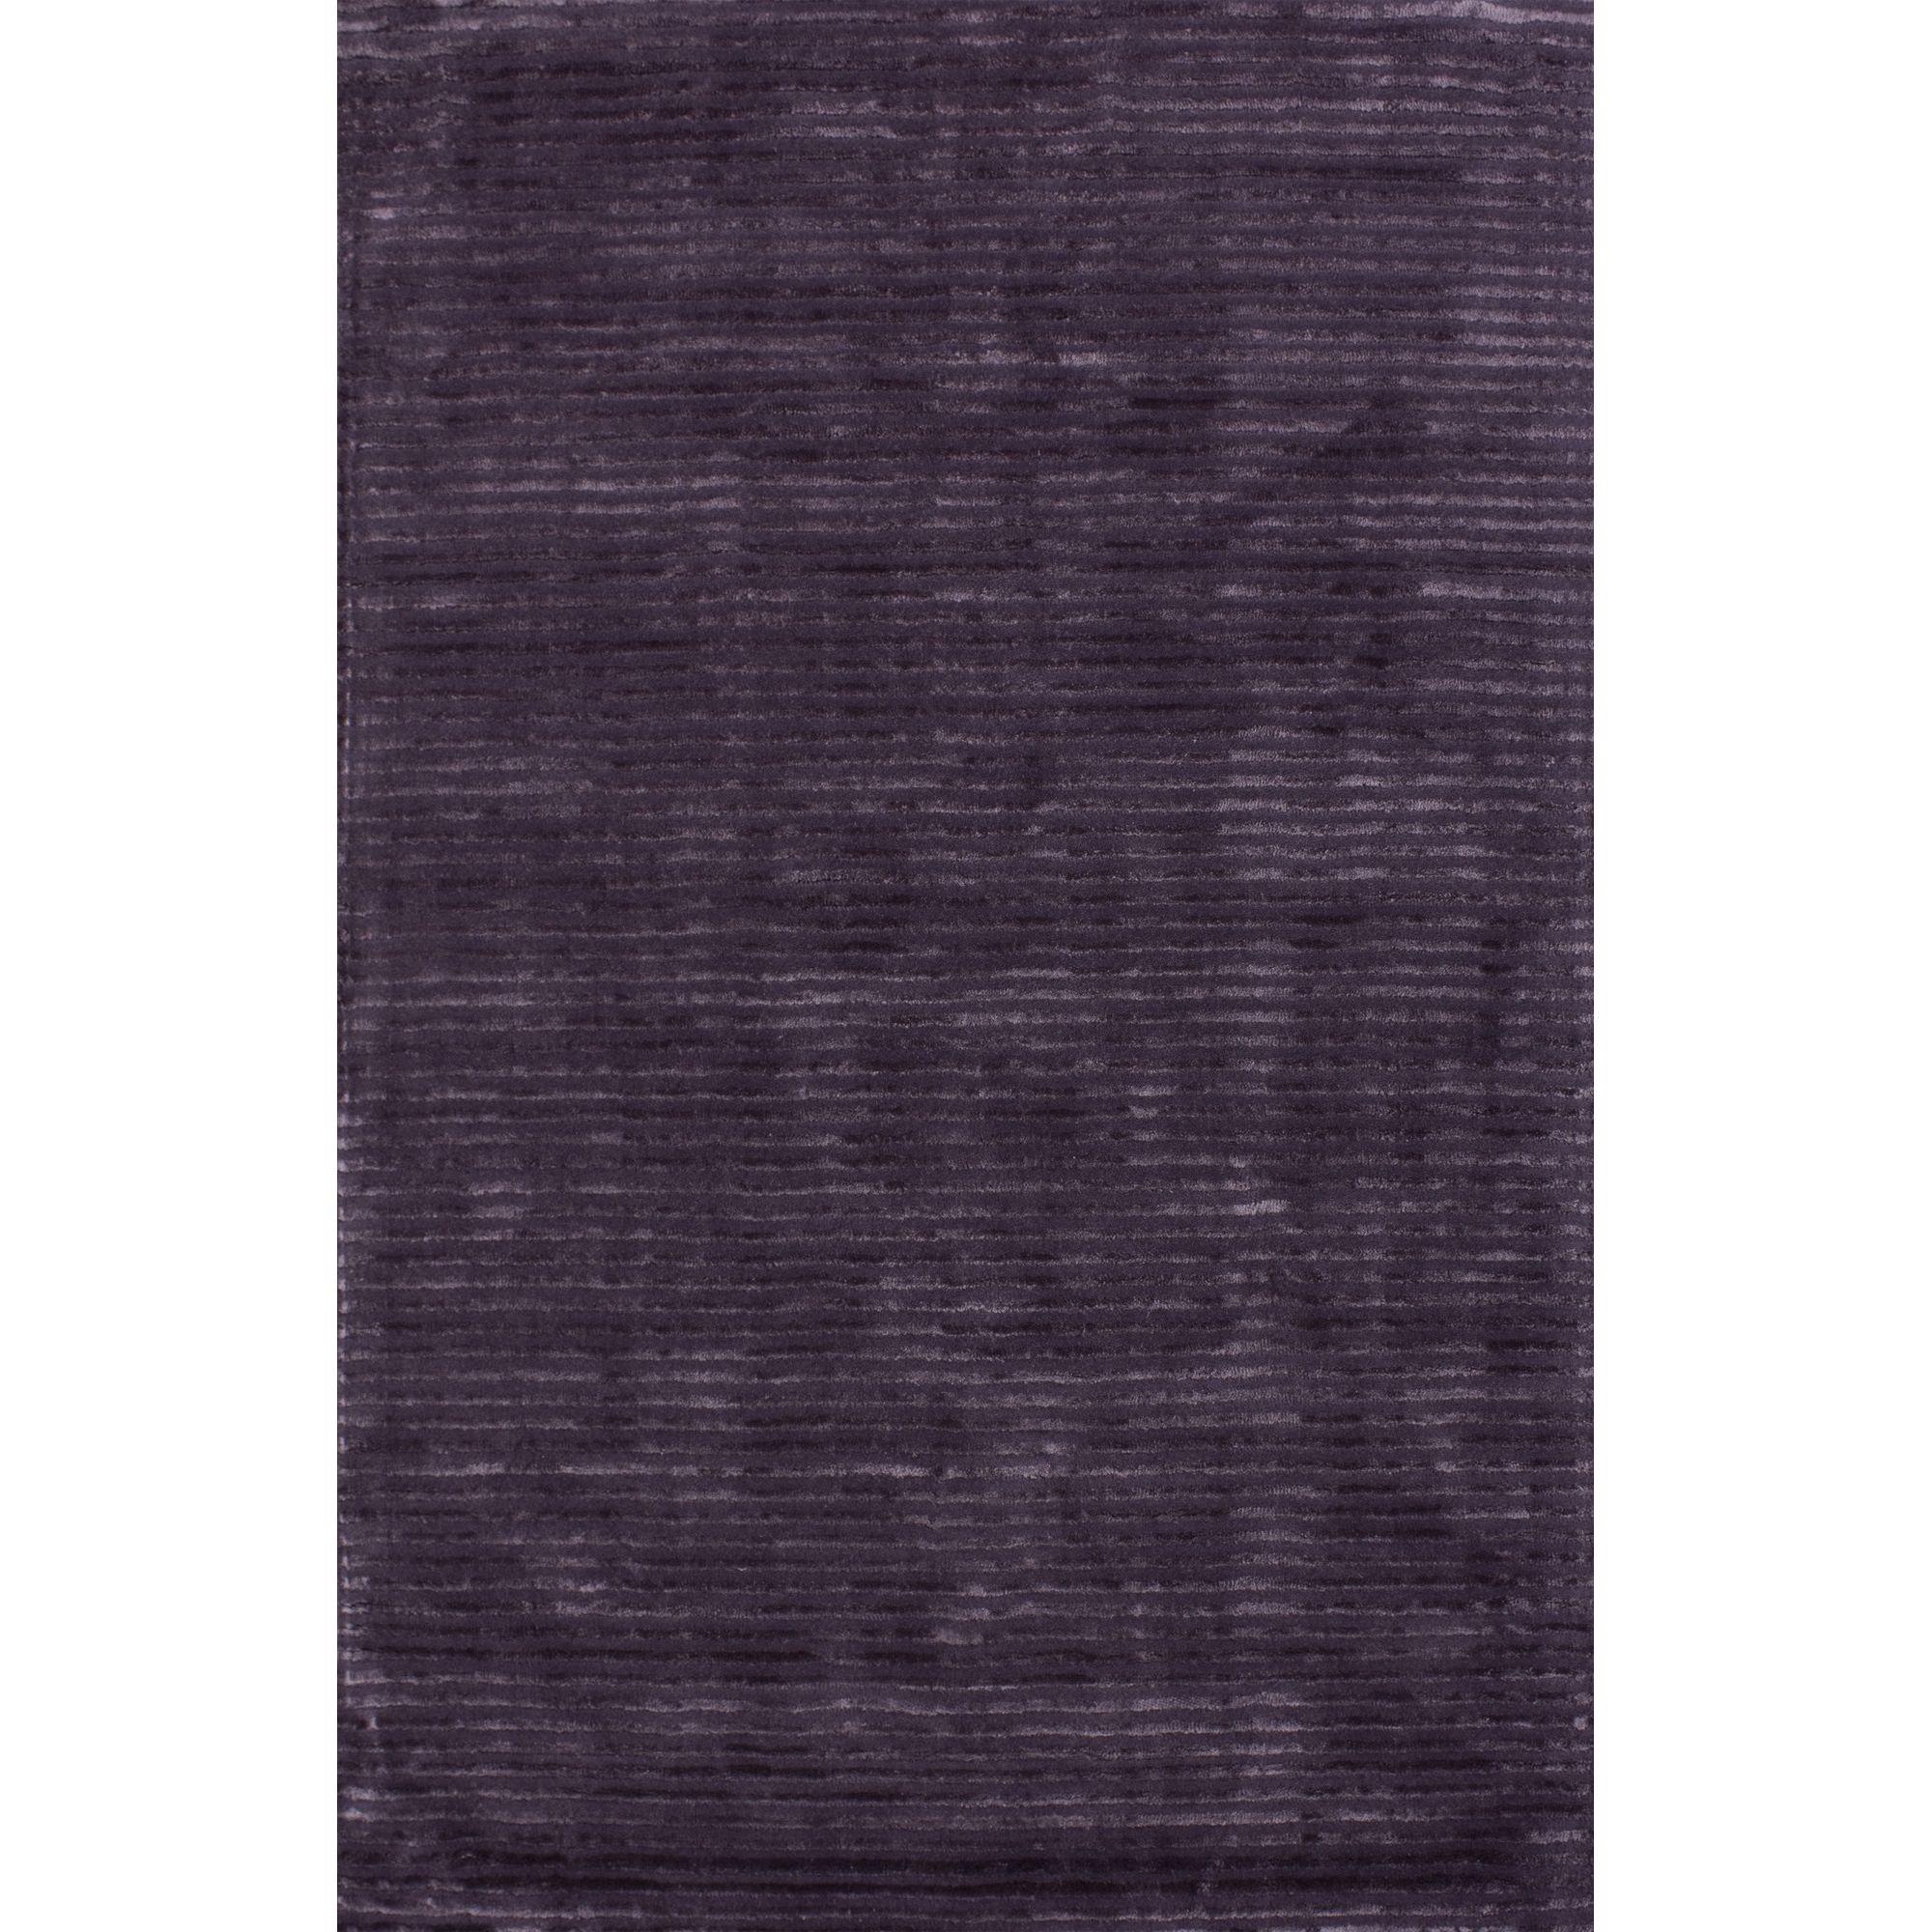 Hill & Co Jubilee Purple Stripe Rug - Runner 240cm x 70cm (7 ft 10.5 in x 2 ft 3.5 in)